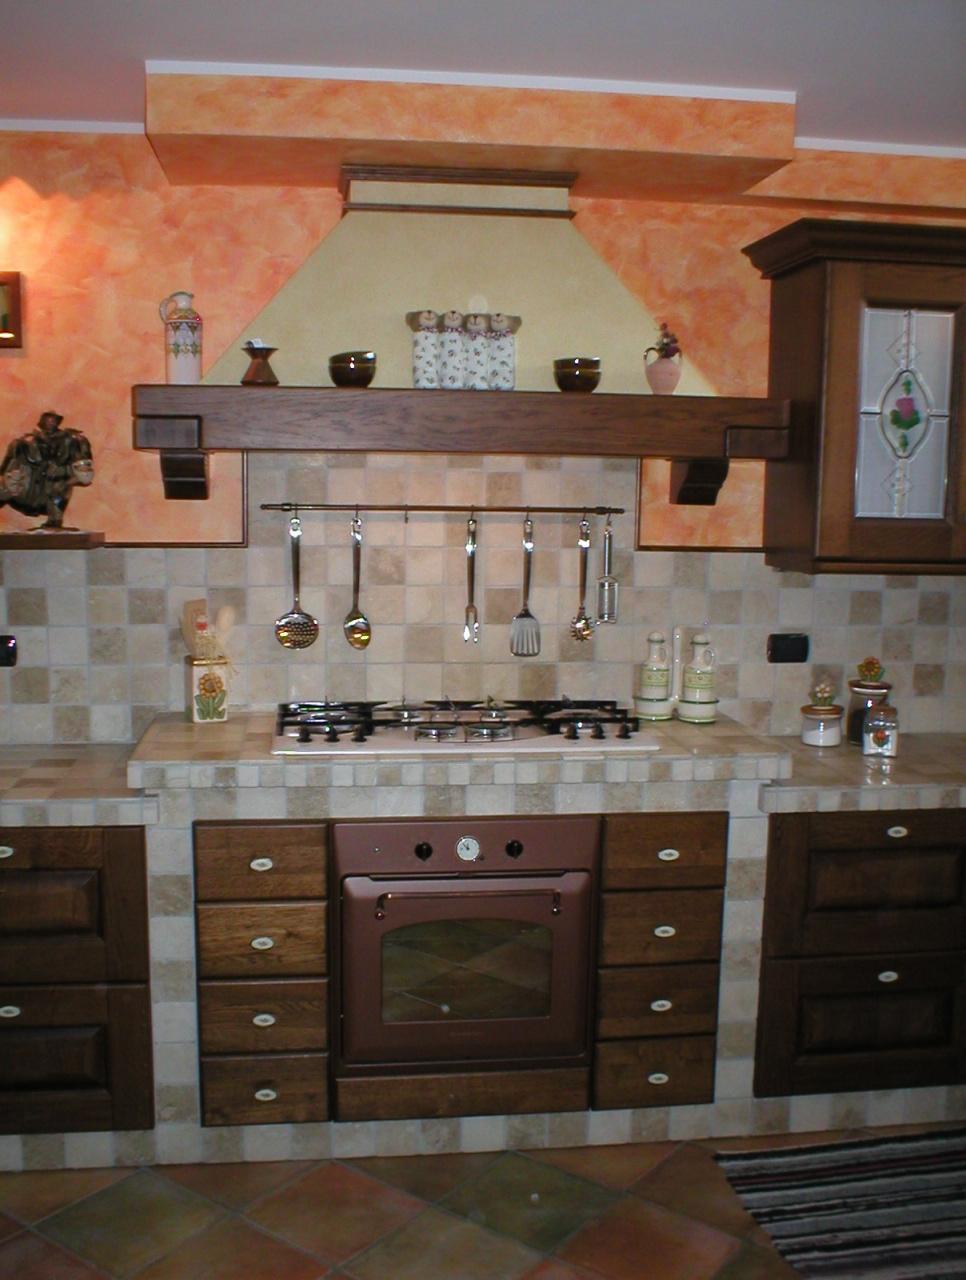 Cool piastrelle cucina stile provenzale rq13 pineglen - Piastrelle rustiche per cucina ...